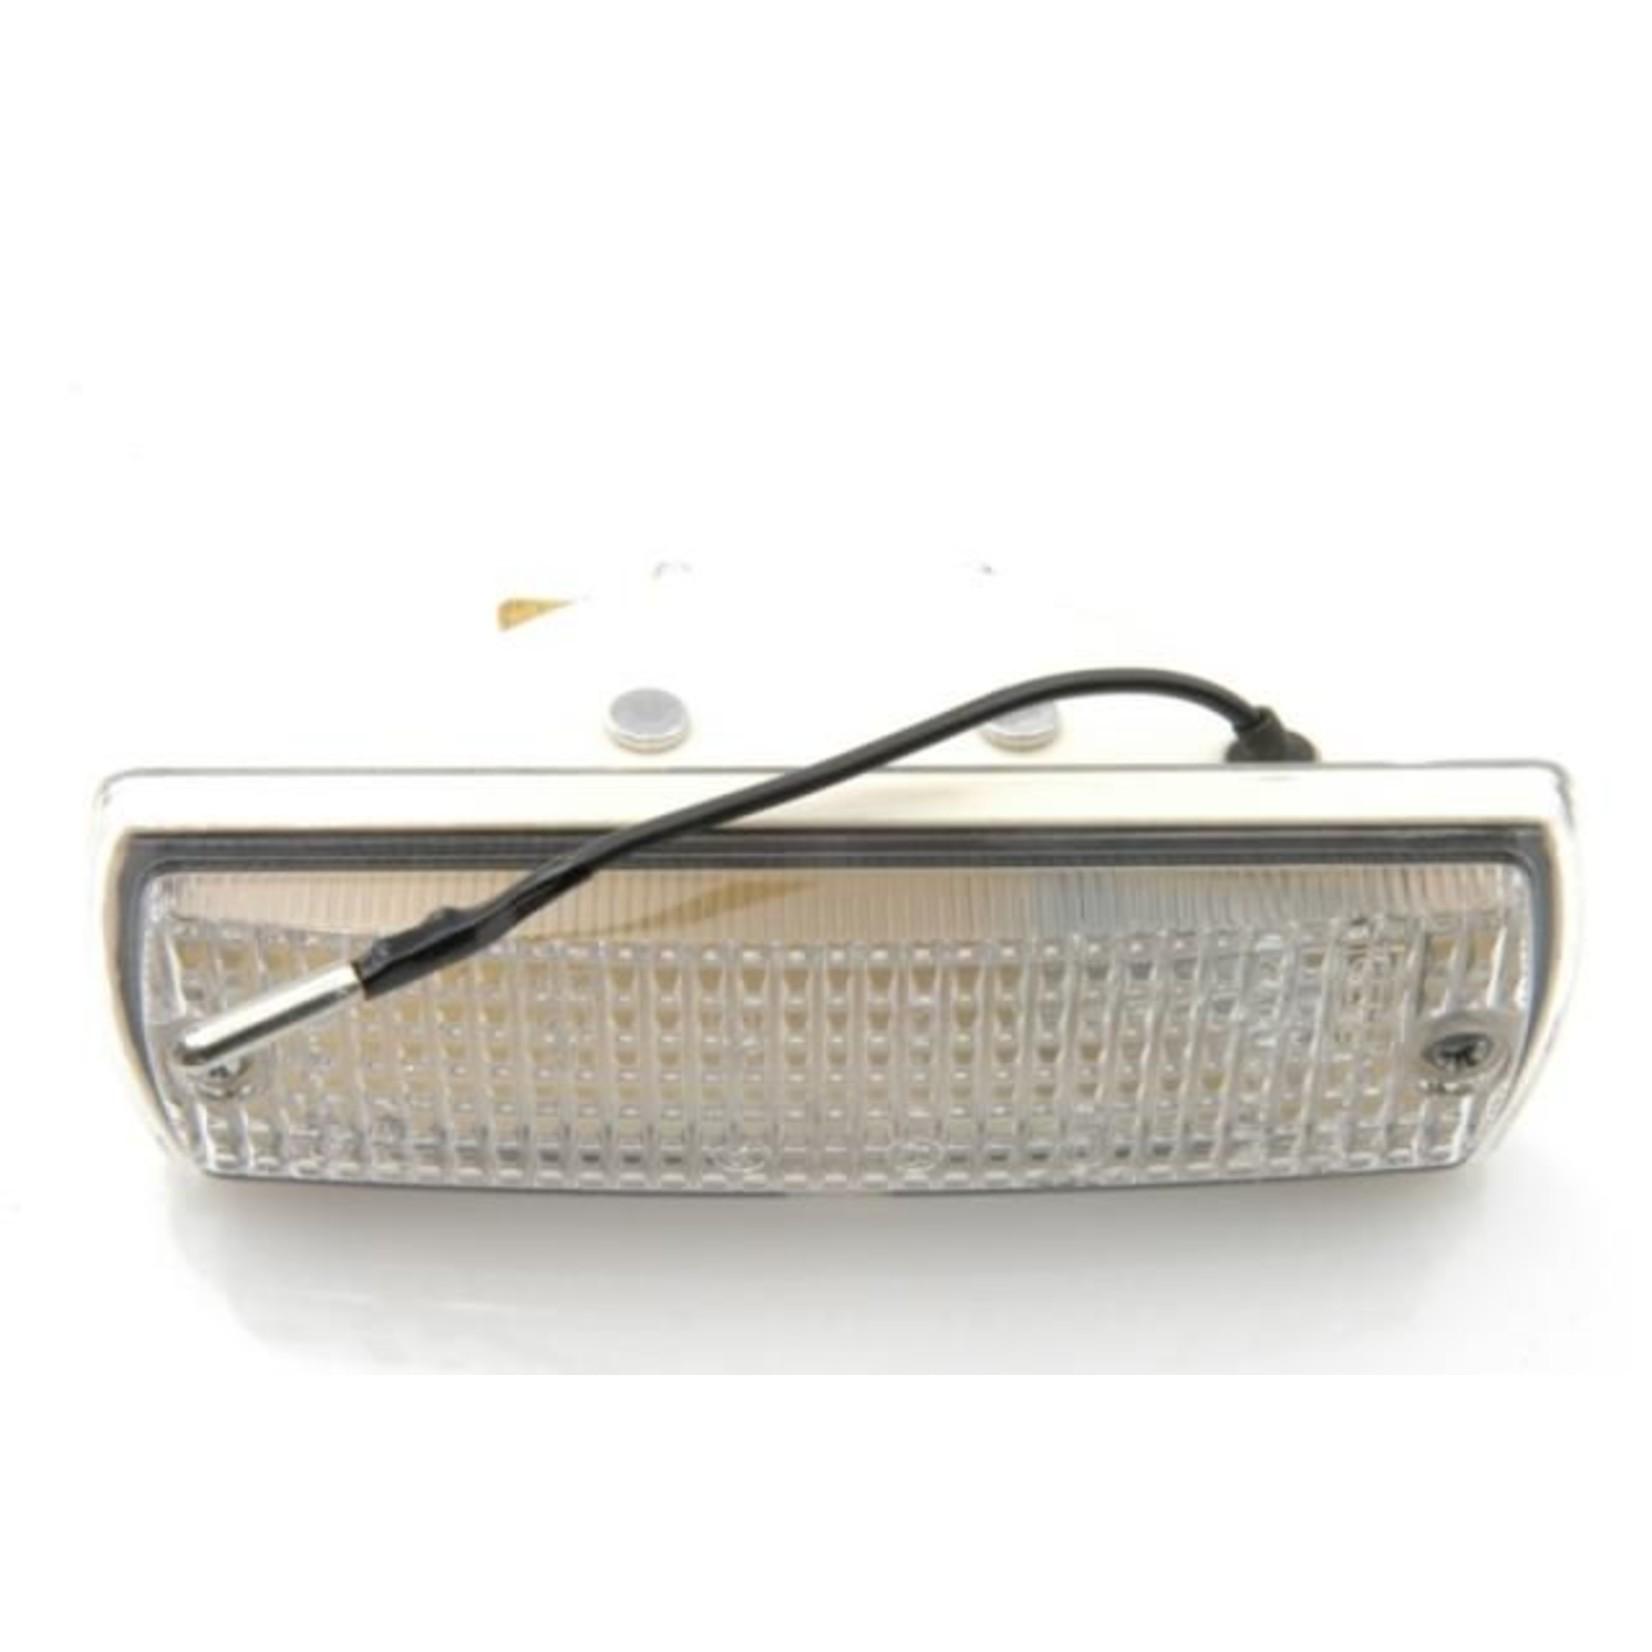 Luz de retroceso blanca 73-75 Nr Org: 5434988